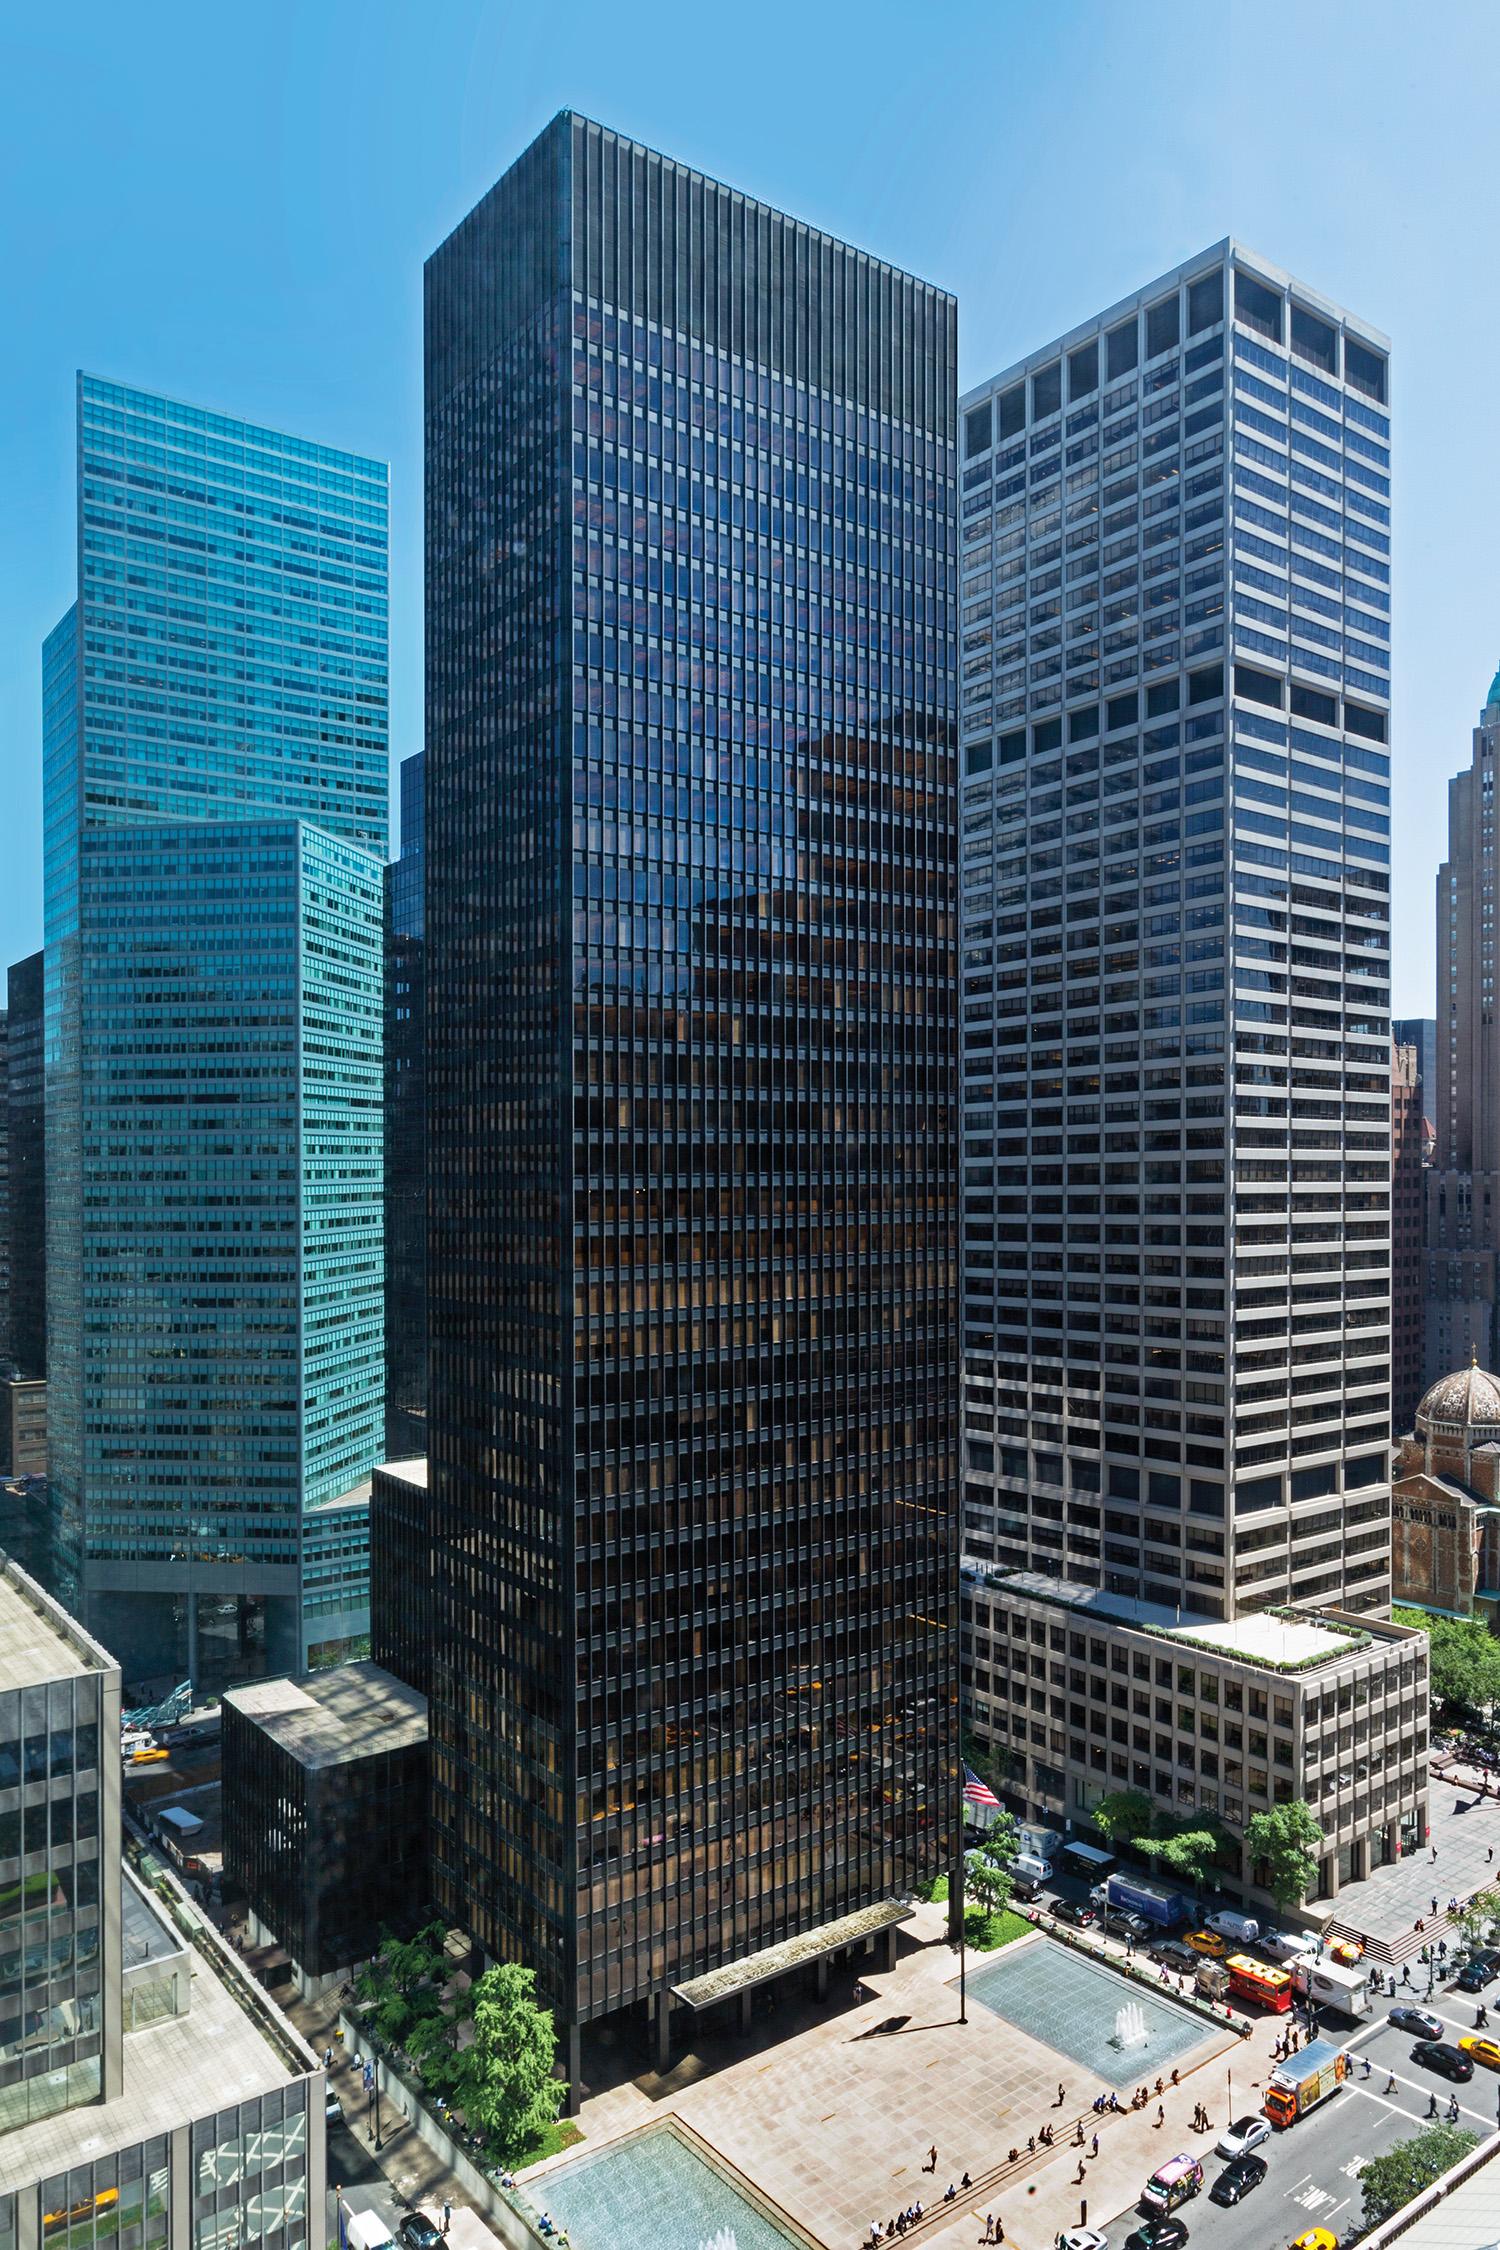 Chicago Mies Van Der Rohe Tour seagram building — bill zbaren | architectural photographer